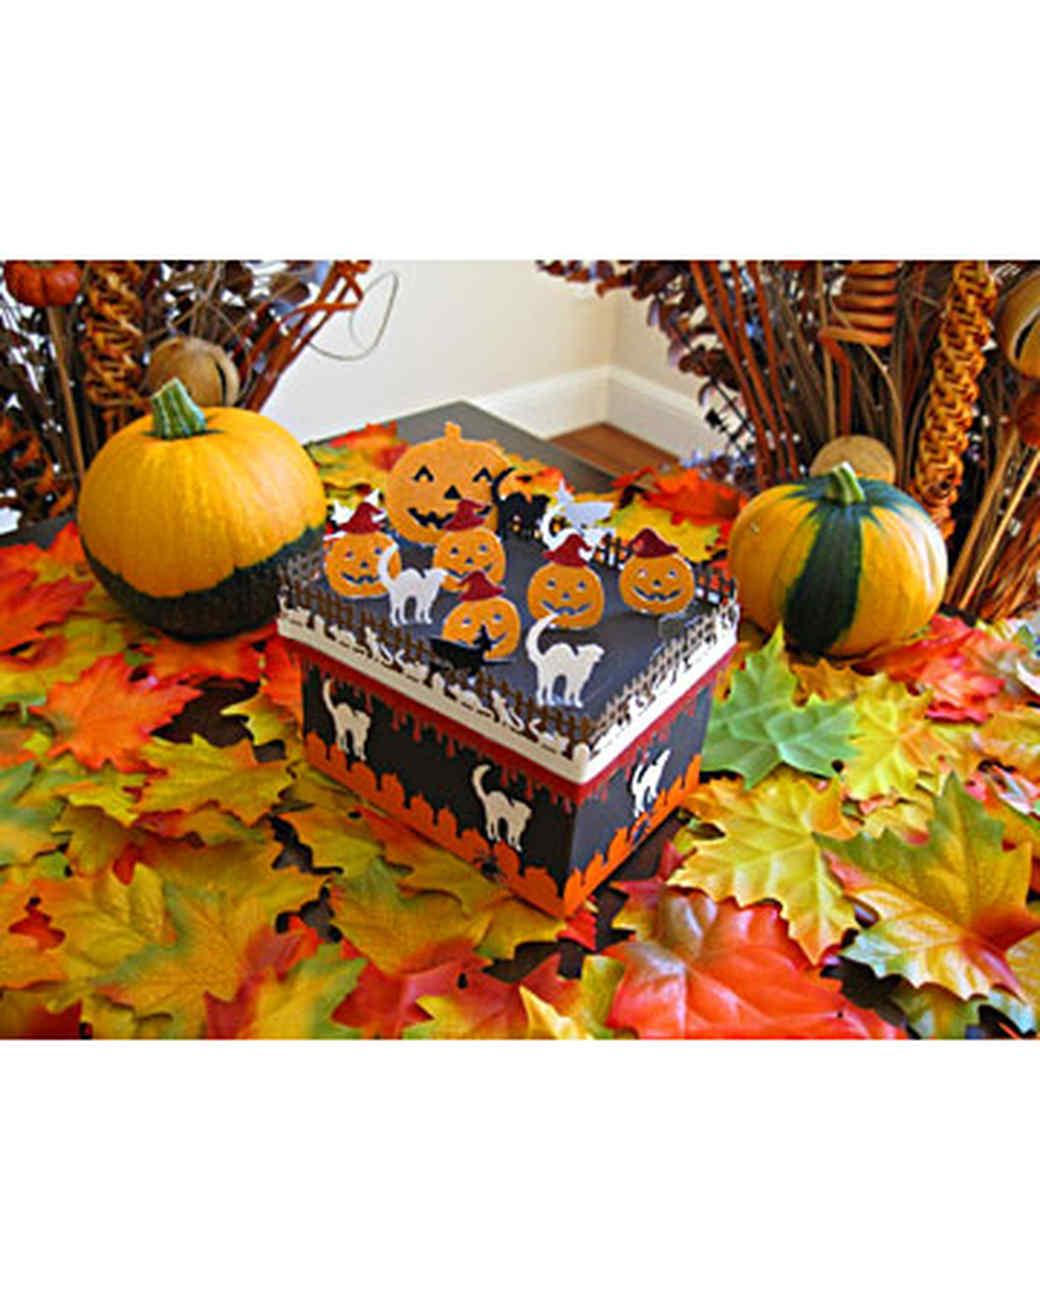 ugc_halloween2010_10743731_11842111.jpg